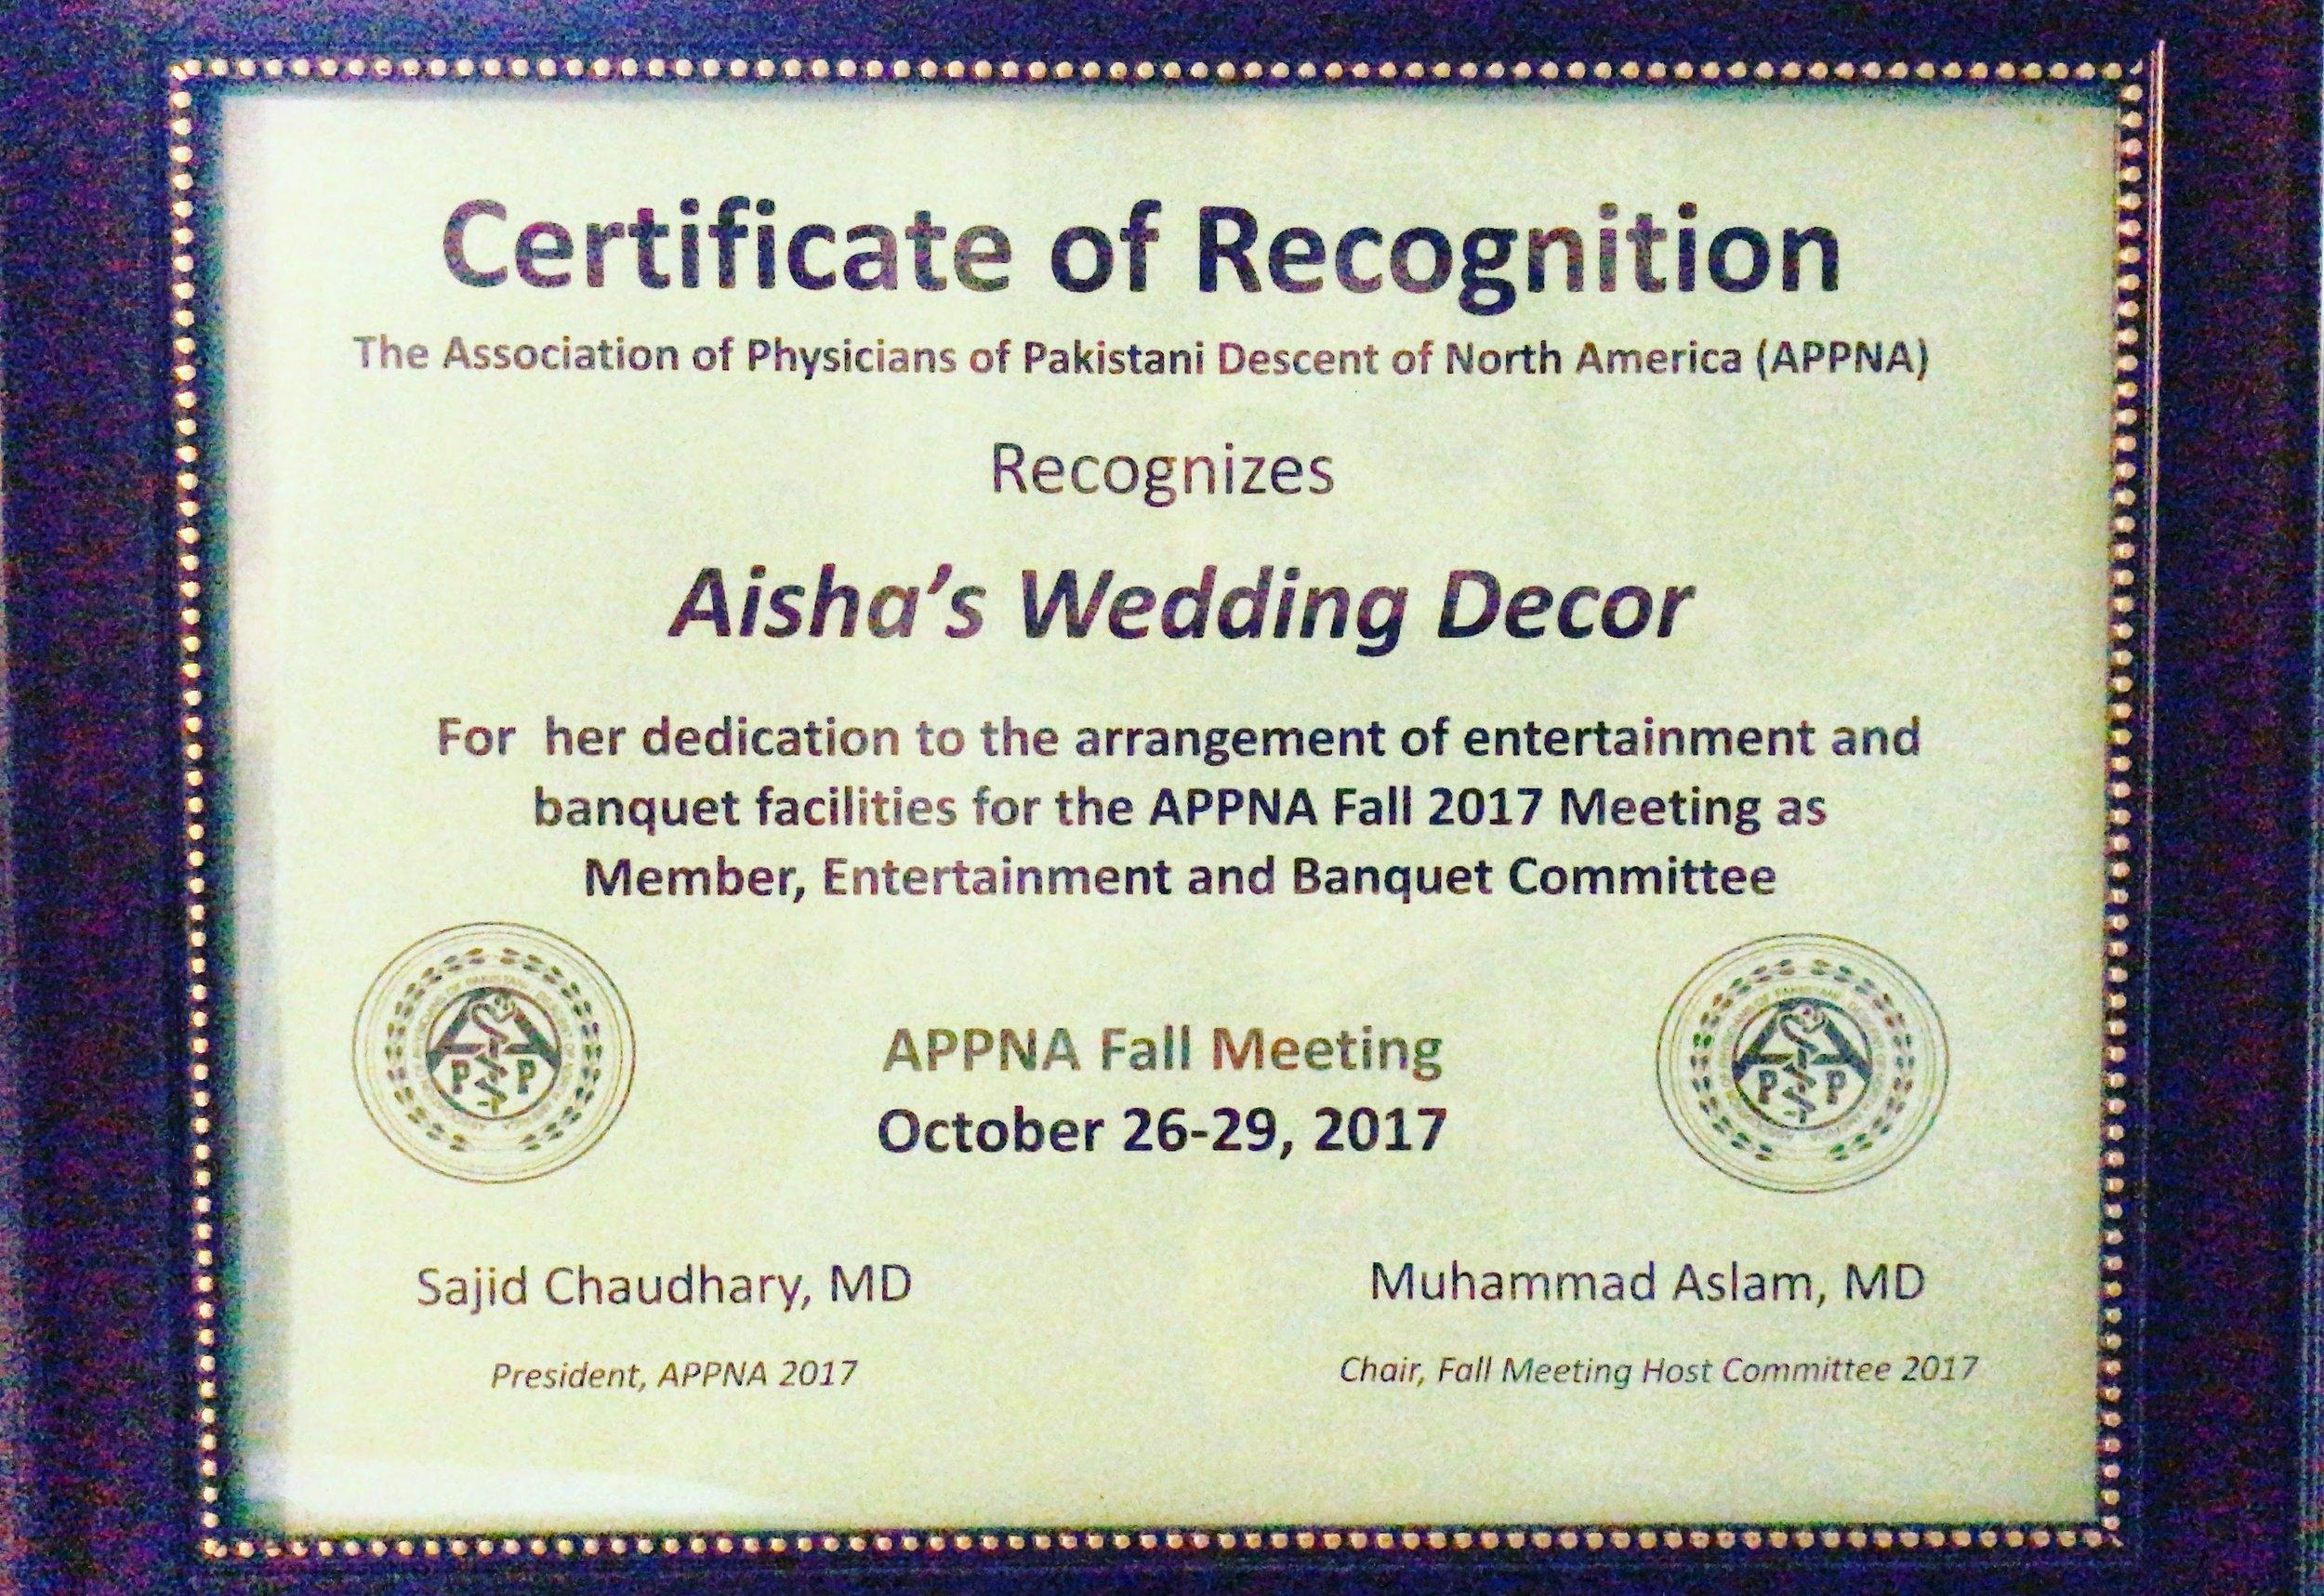 APPNA Certificate, 2017